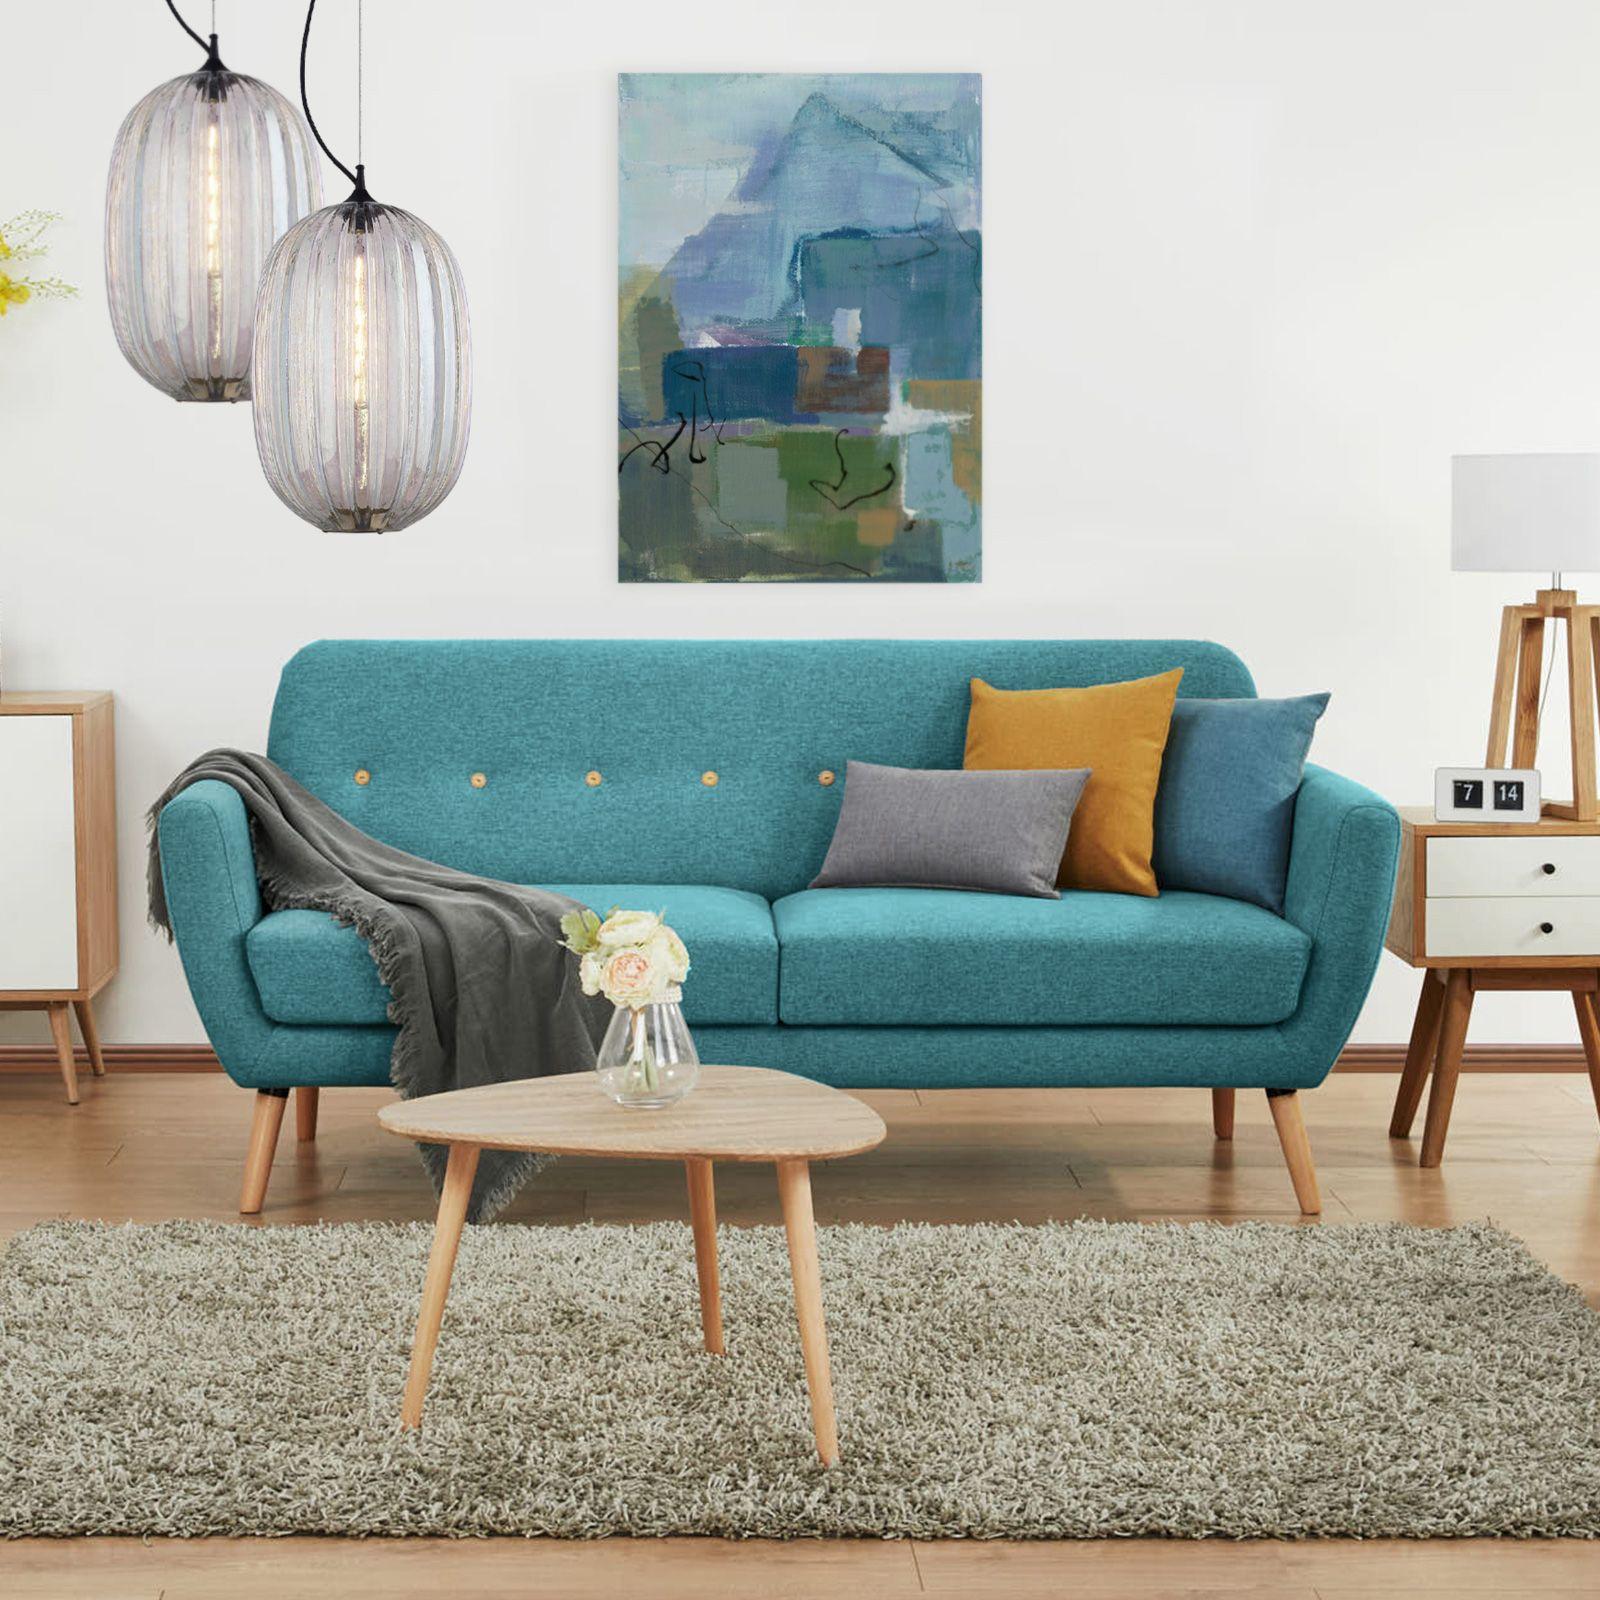 AMALFI | Sofá tapizado azul verdoso (193 x 79 x 86 cm)